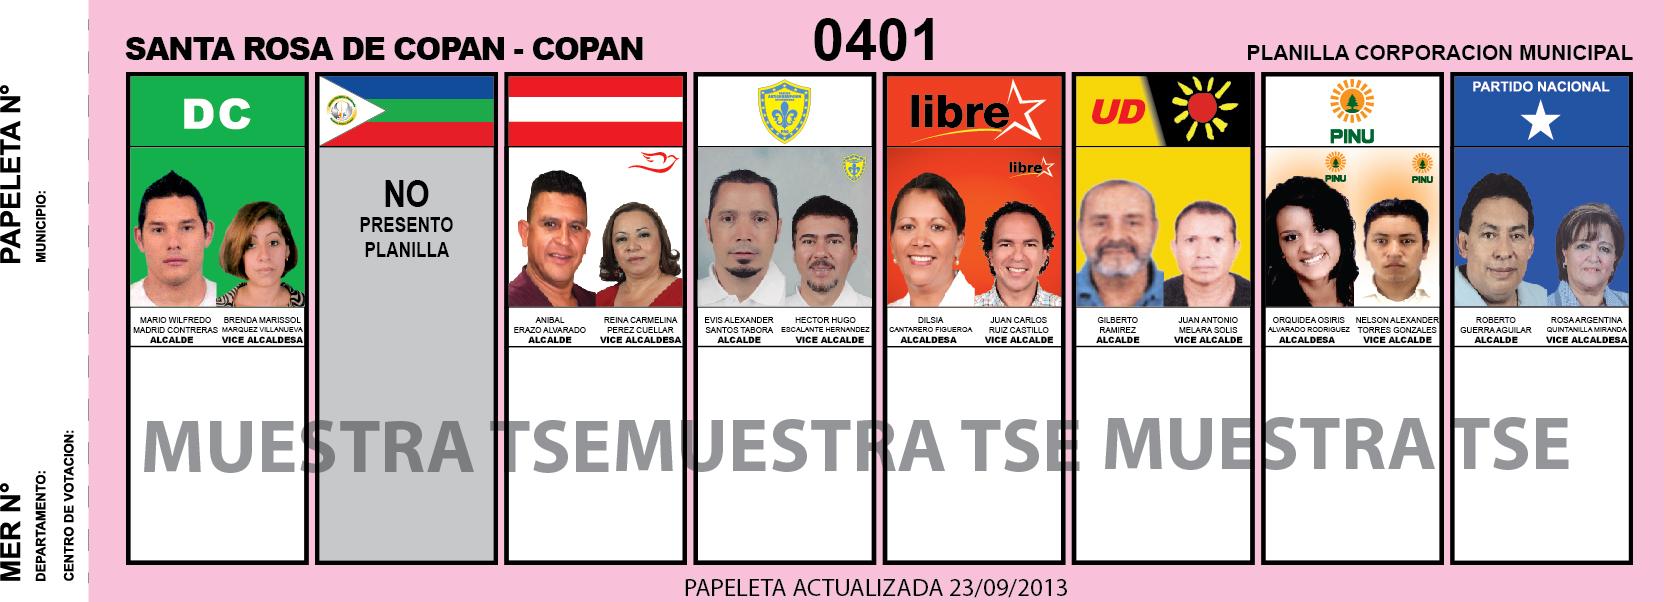 Candidatos 2013 Municipio Santa Rosa de Copan - Copan- Honduras